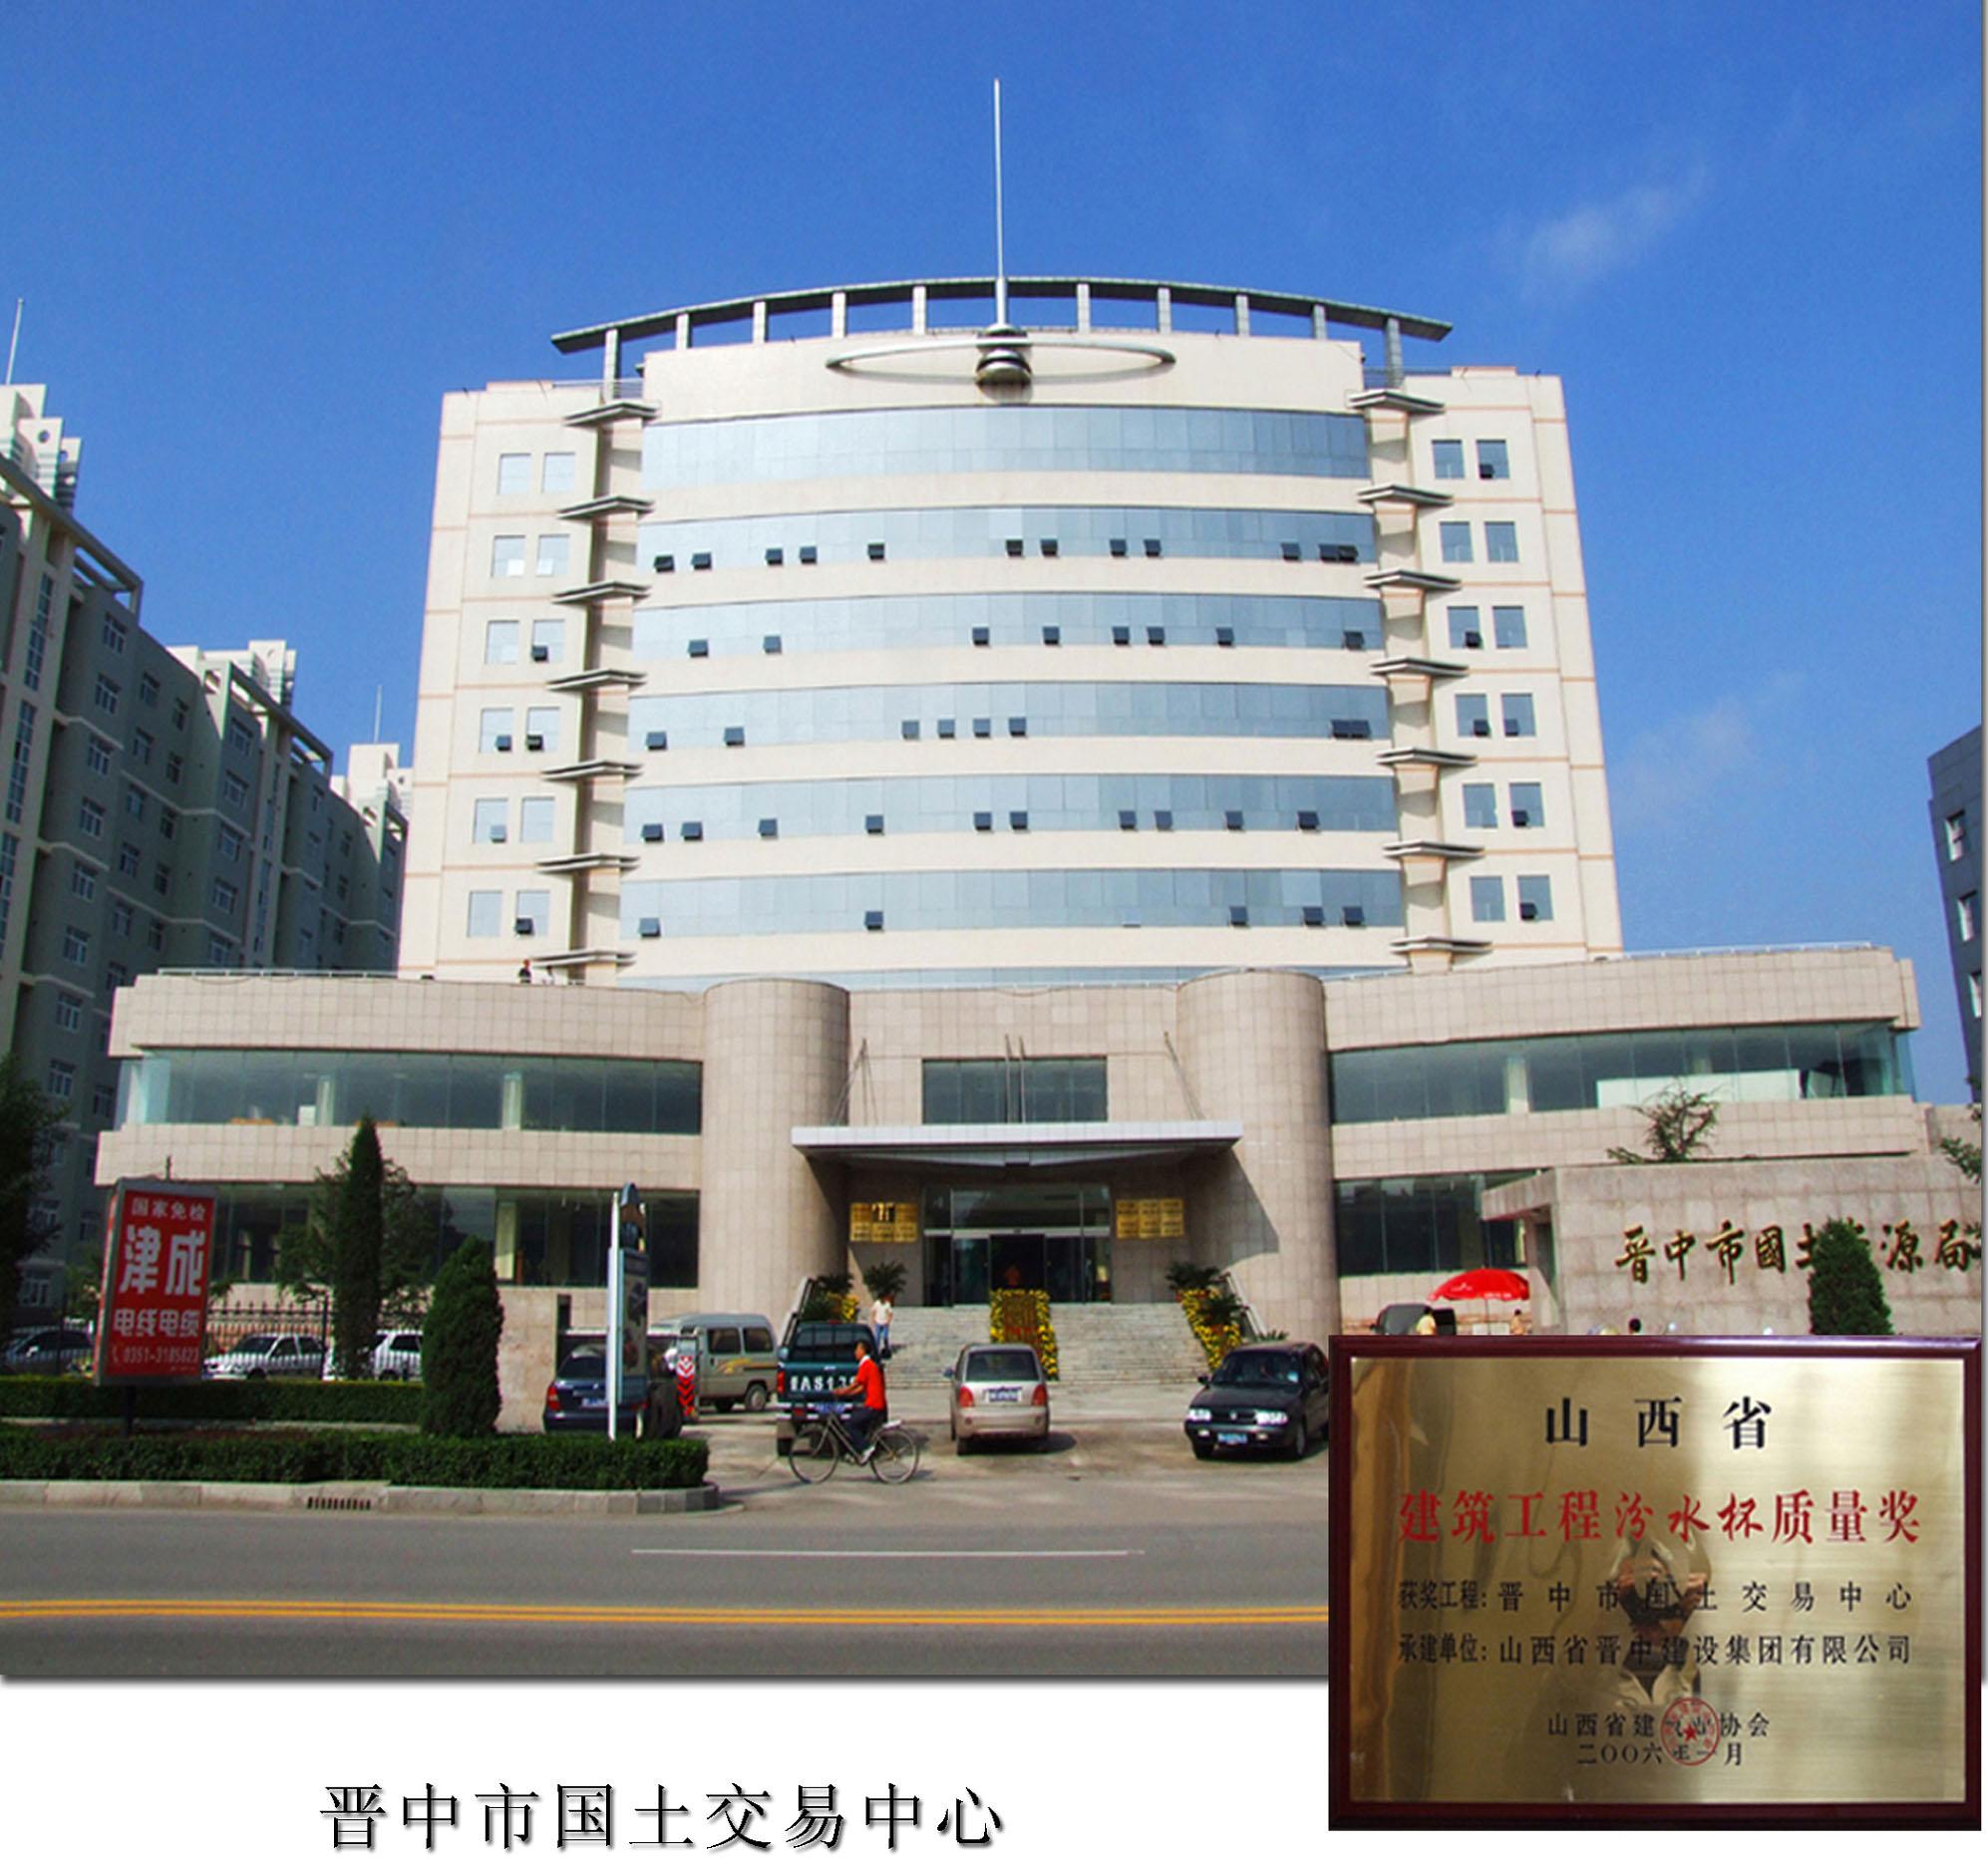 山西省晋中市国土交易中心大楼